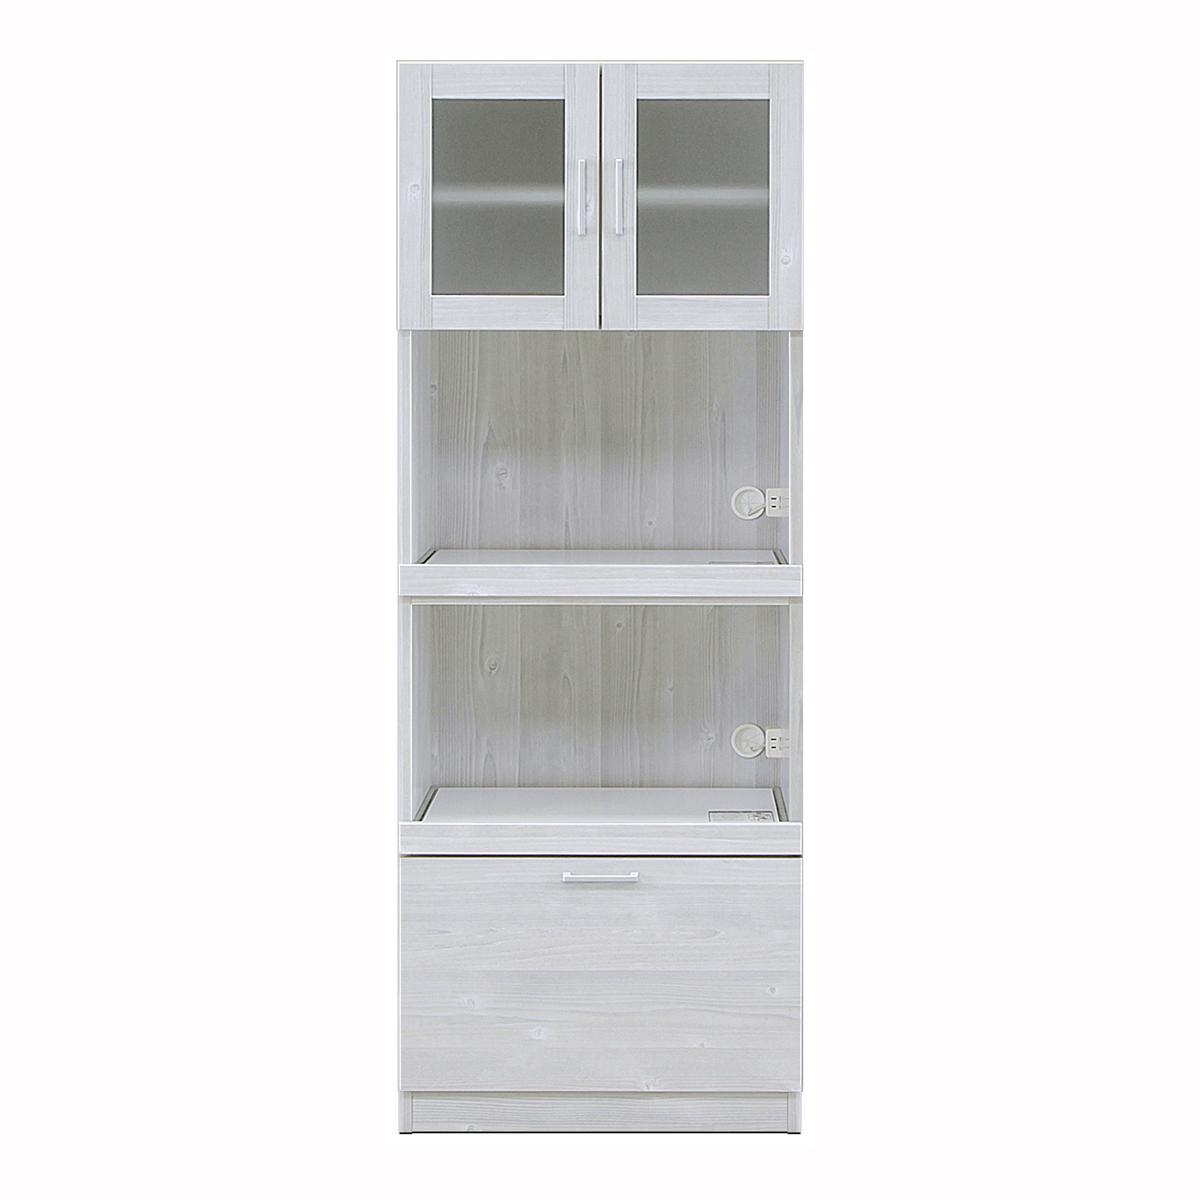 背の低い女性のための食器棚 高さ154cm キッチンボード レンジボード レンジ台コンパクト グレー 【幅60.3×奥行39.8×高さ154cm】 60K-2